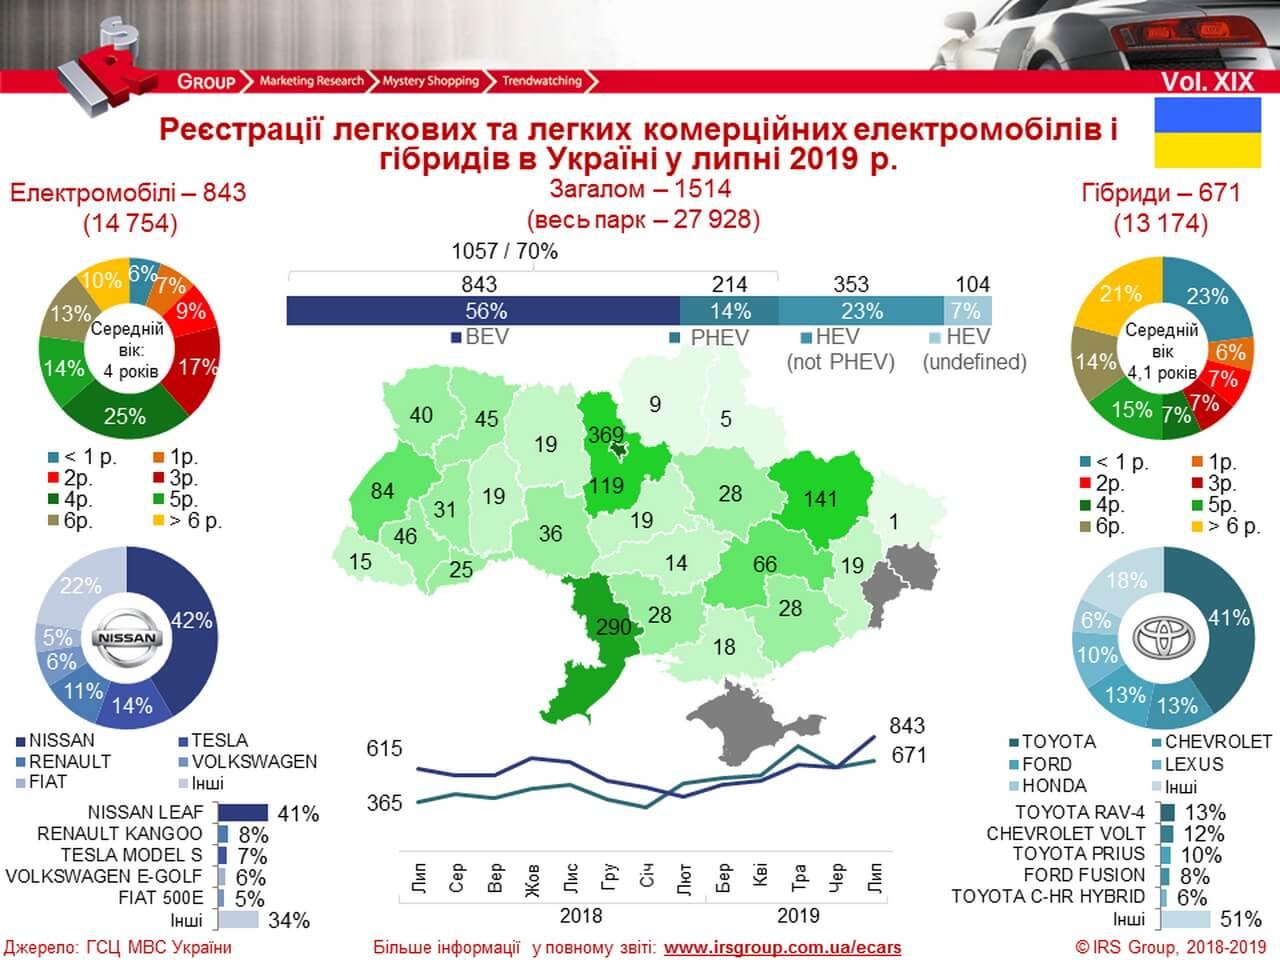 Количество зарегистрированных электрических и гибридных автомобилей в Украине на 01.08.2019 года